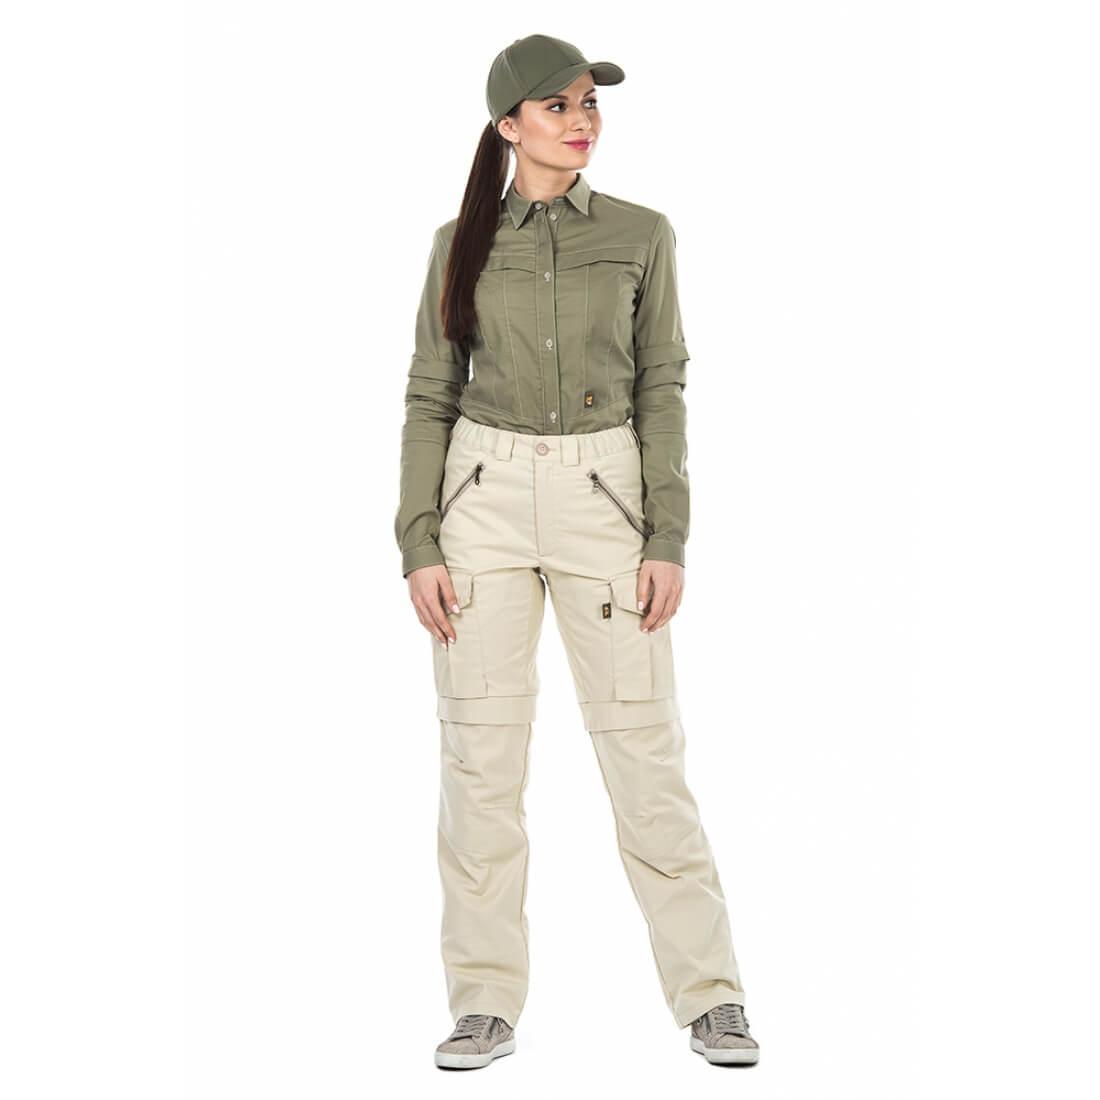 Женская противоэнцефалитная блузка Биостоп® Комфорт